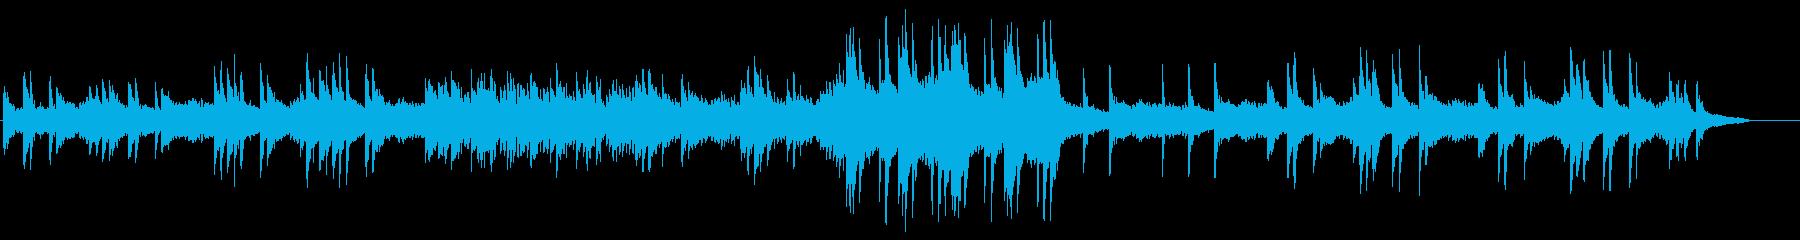 アコーステック 感情的 静か 繰り...の再生済みの波形